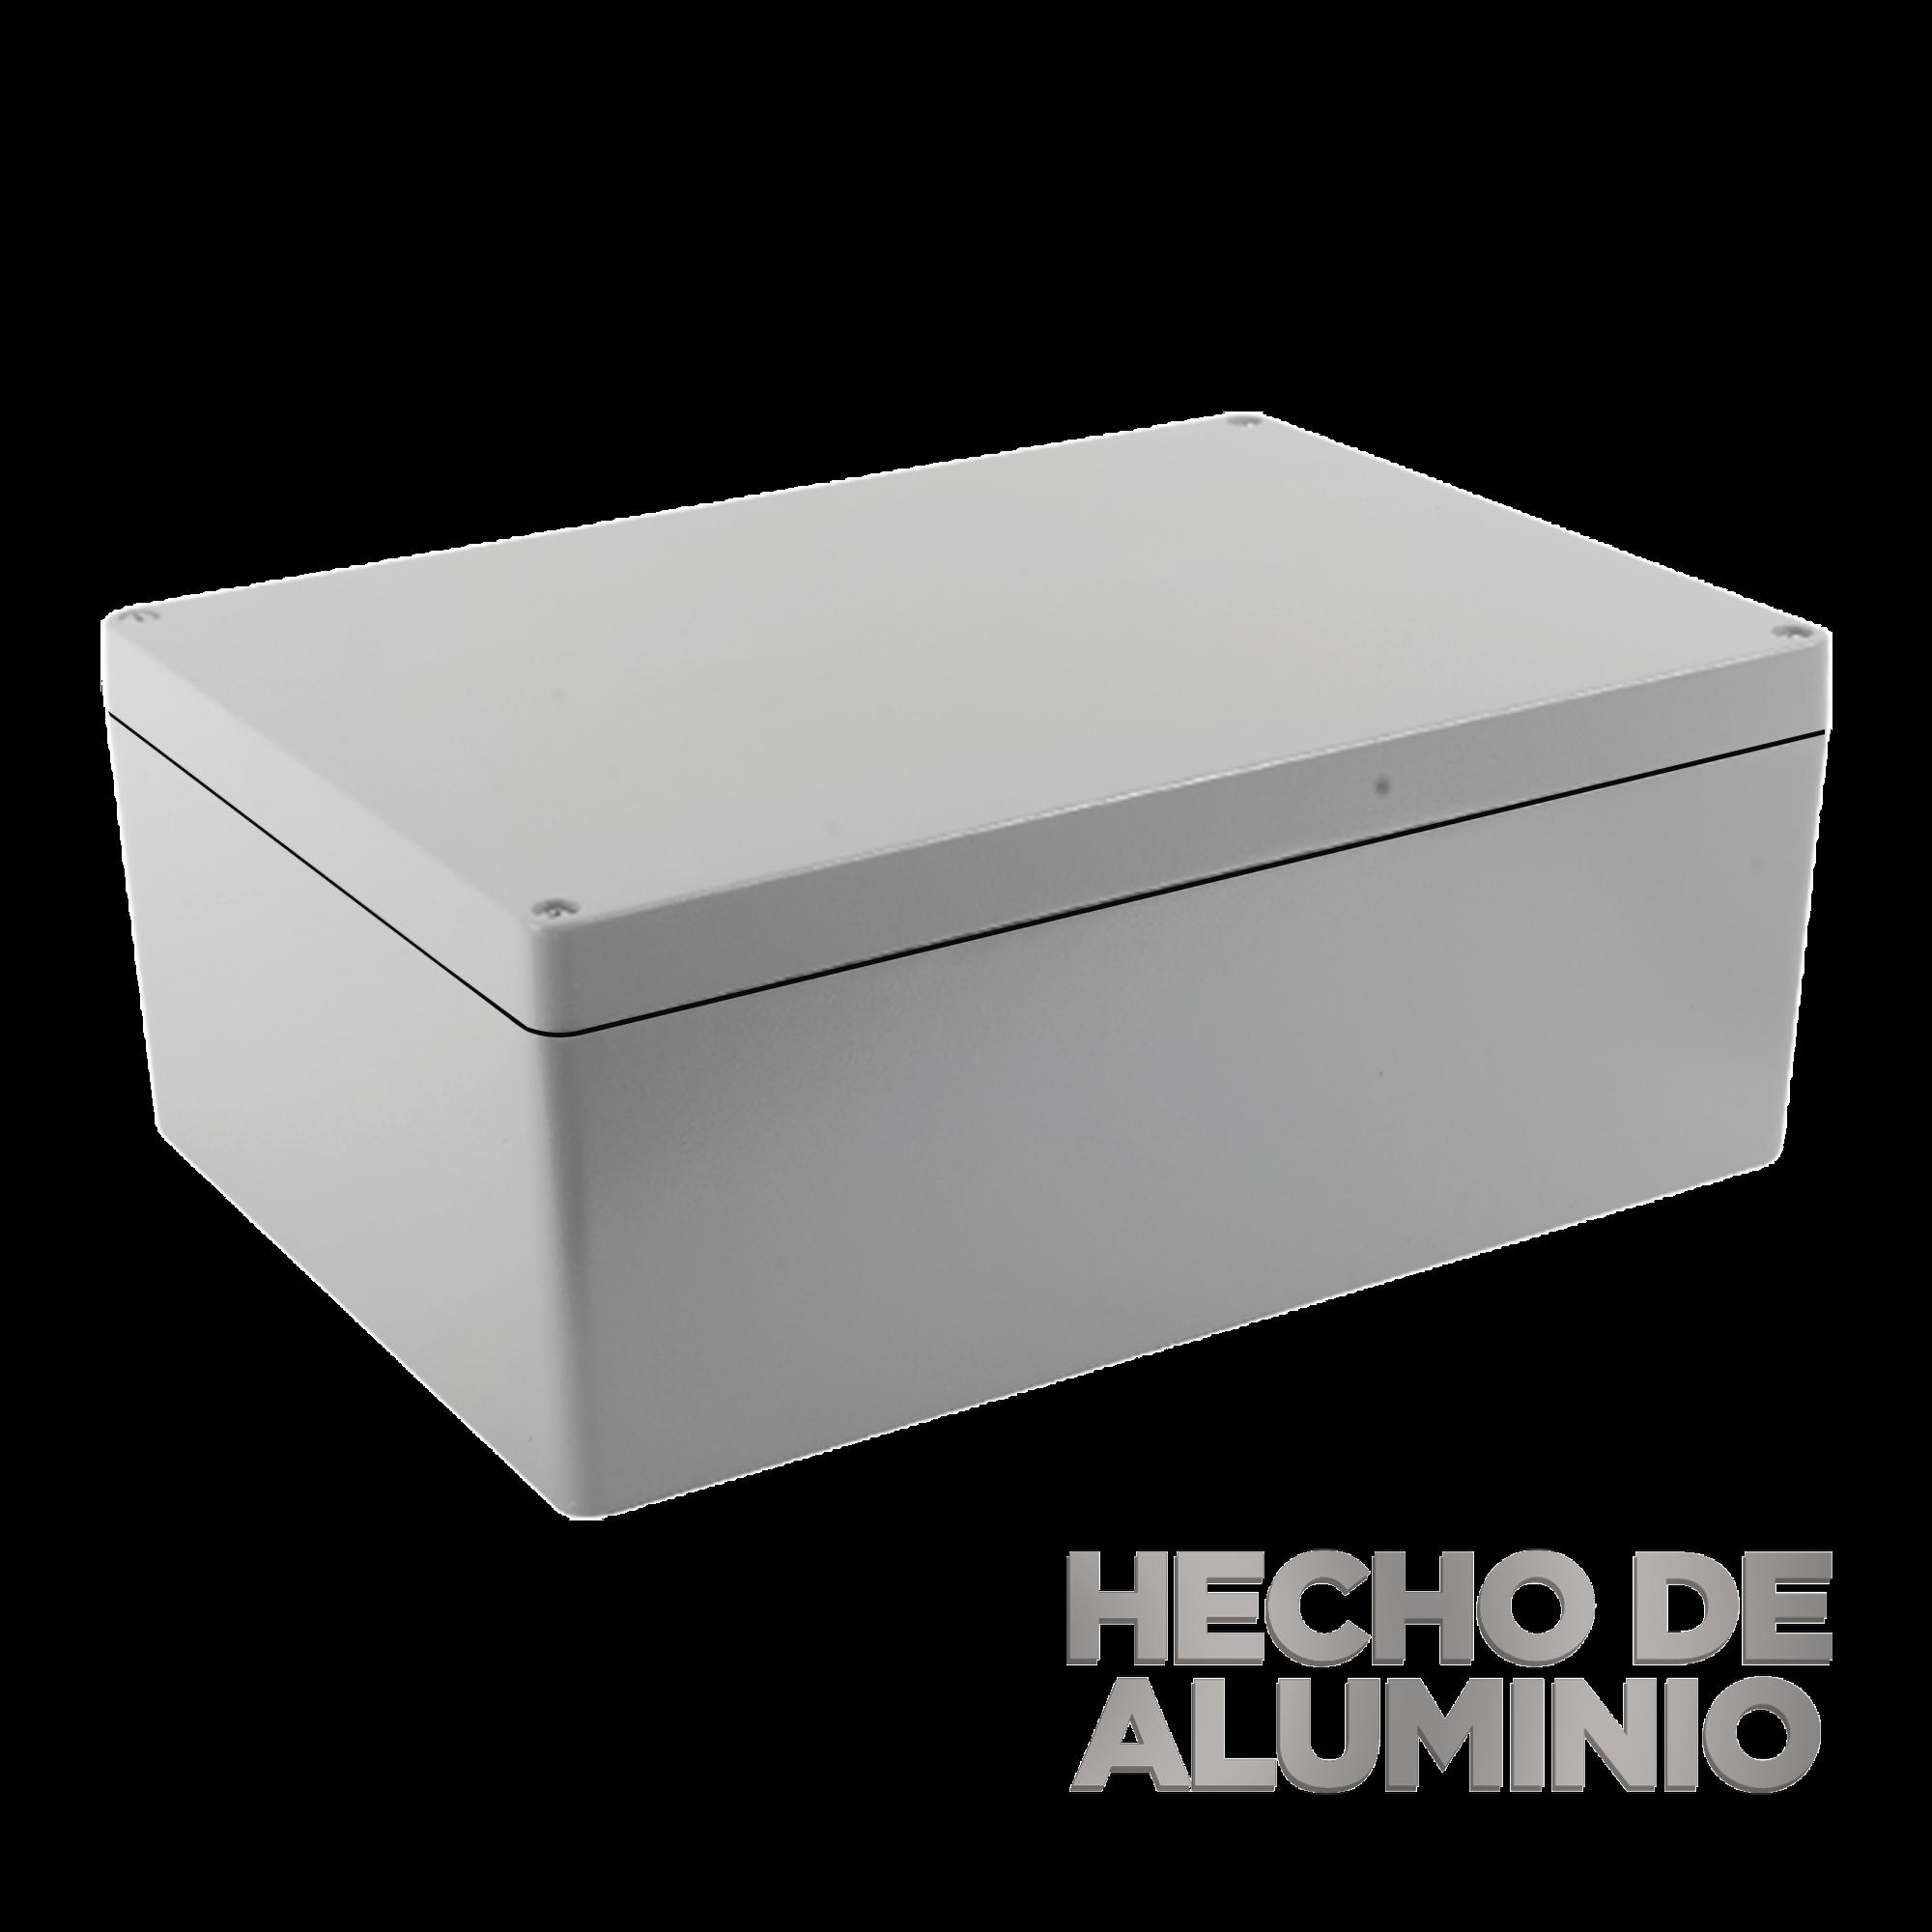 Gabinete de Aluminio para Exterior (IP66) de 390 x 280 x 158 mm con Rápida Disipación de Calor, Cierre por Tornillos con Bisagra.